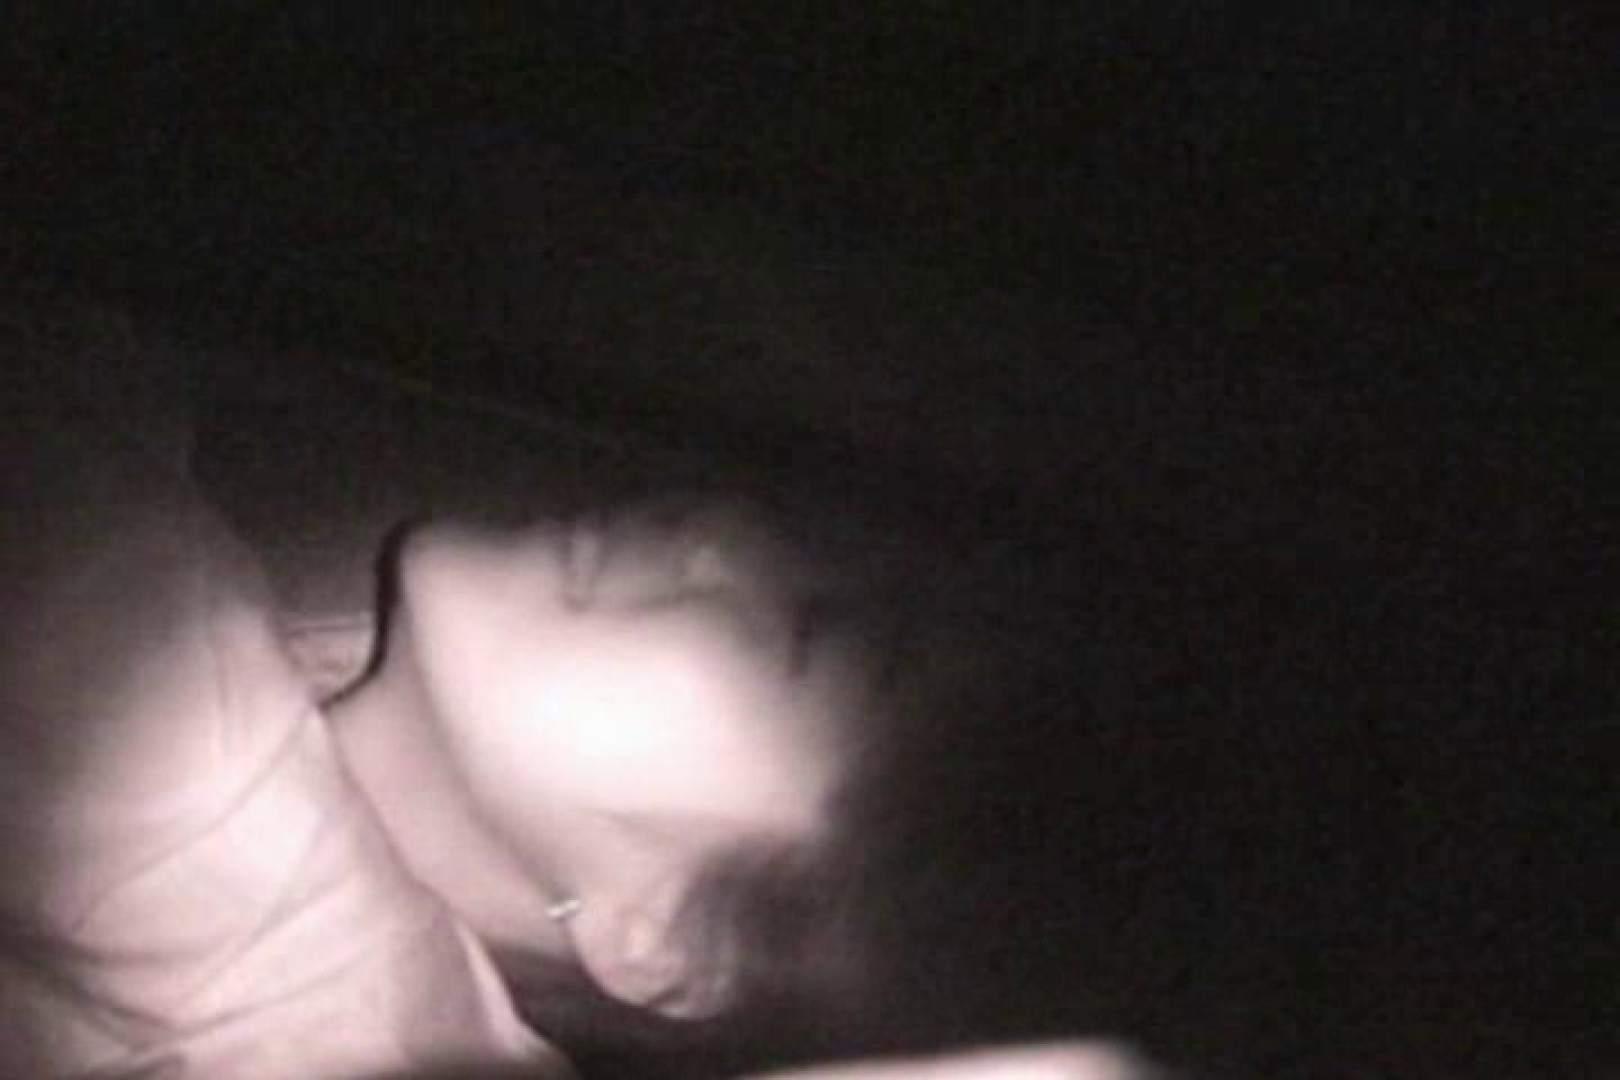 蔵出し!!赤外線カーセックスVol.22 OLの実態 覗きぱこり動画紹介 75pic 26